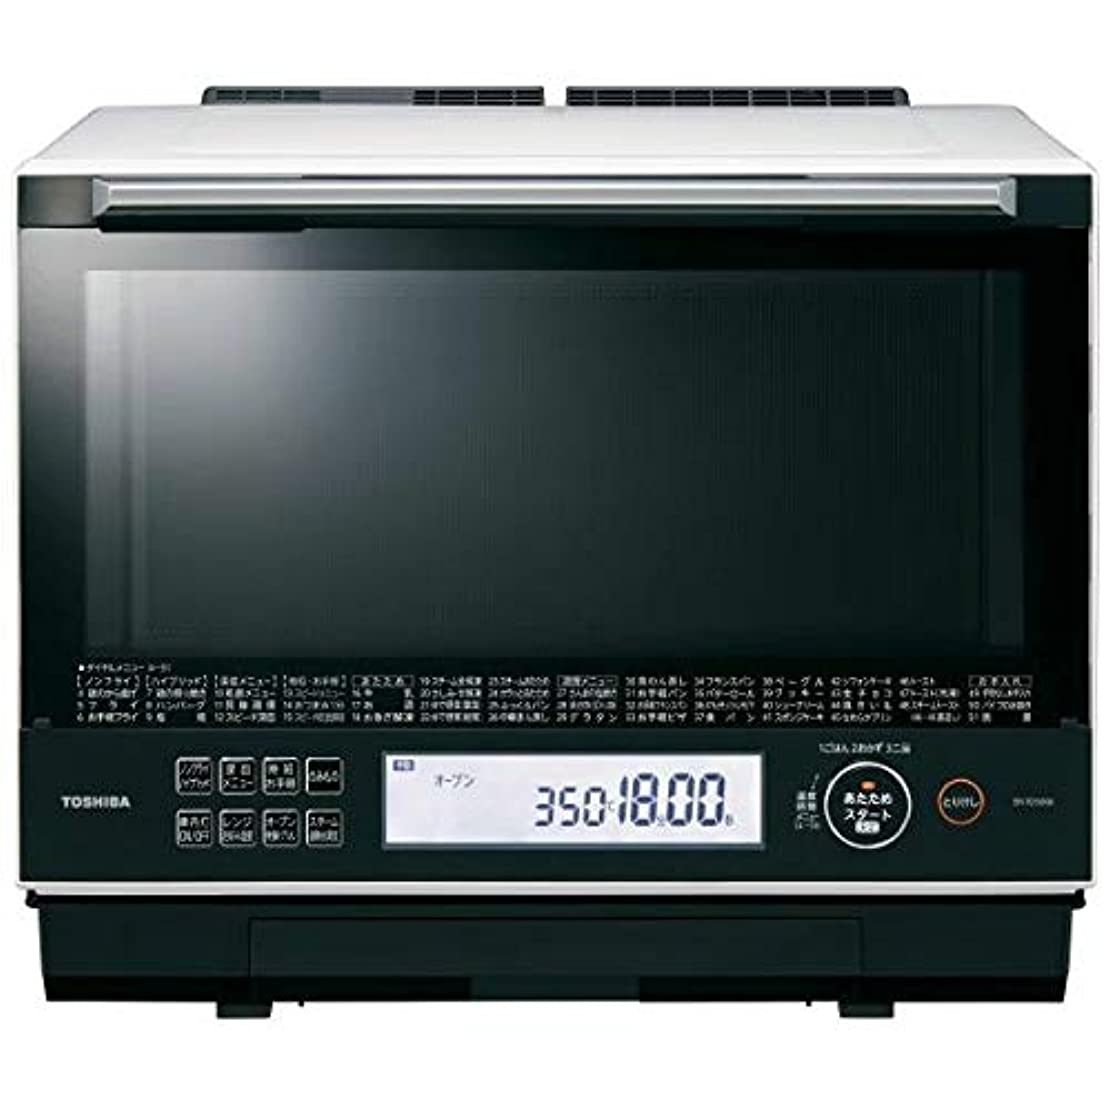 解くヘア検査TOSHIBA 過熱水蒸気オーブンレンジ 石窯ドーム 30L ER-TD5000(W)